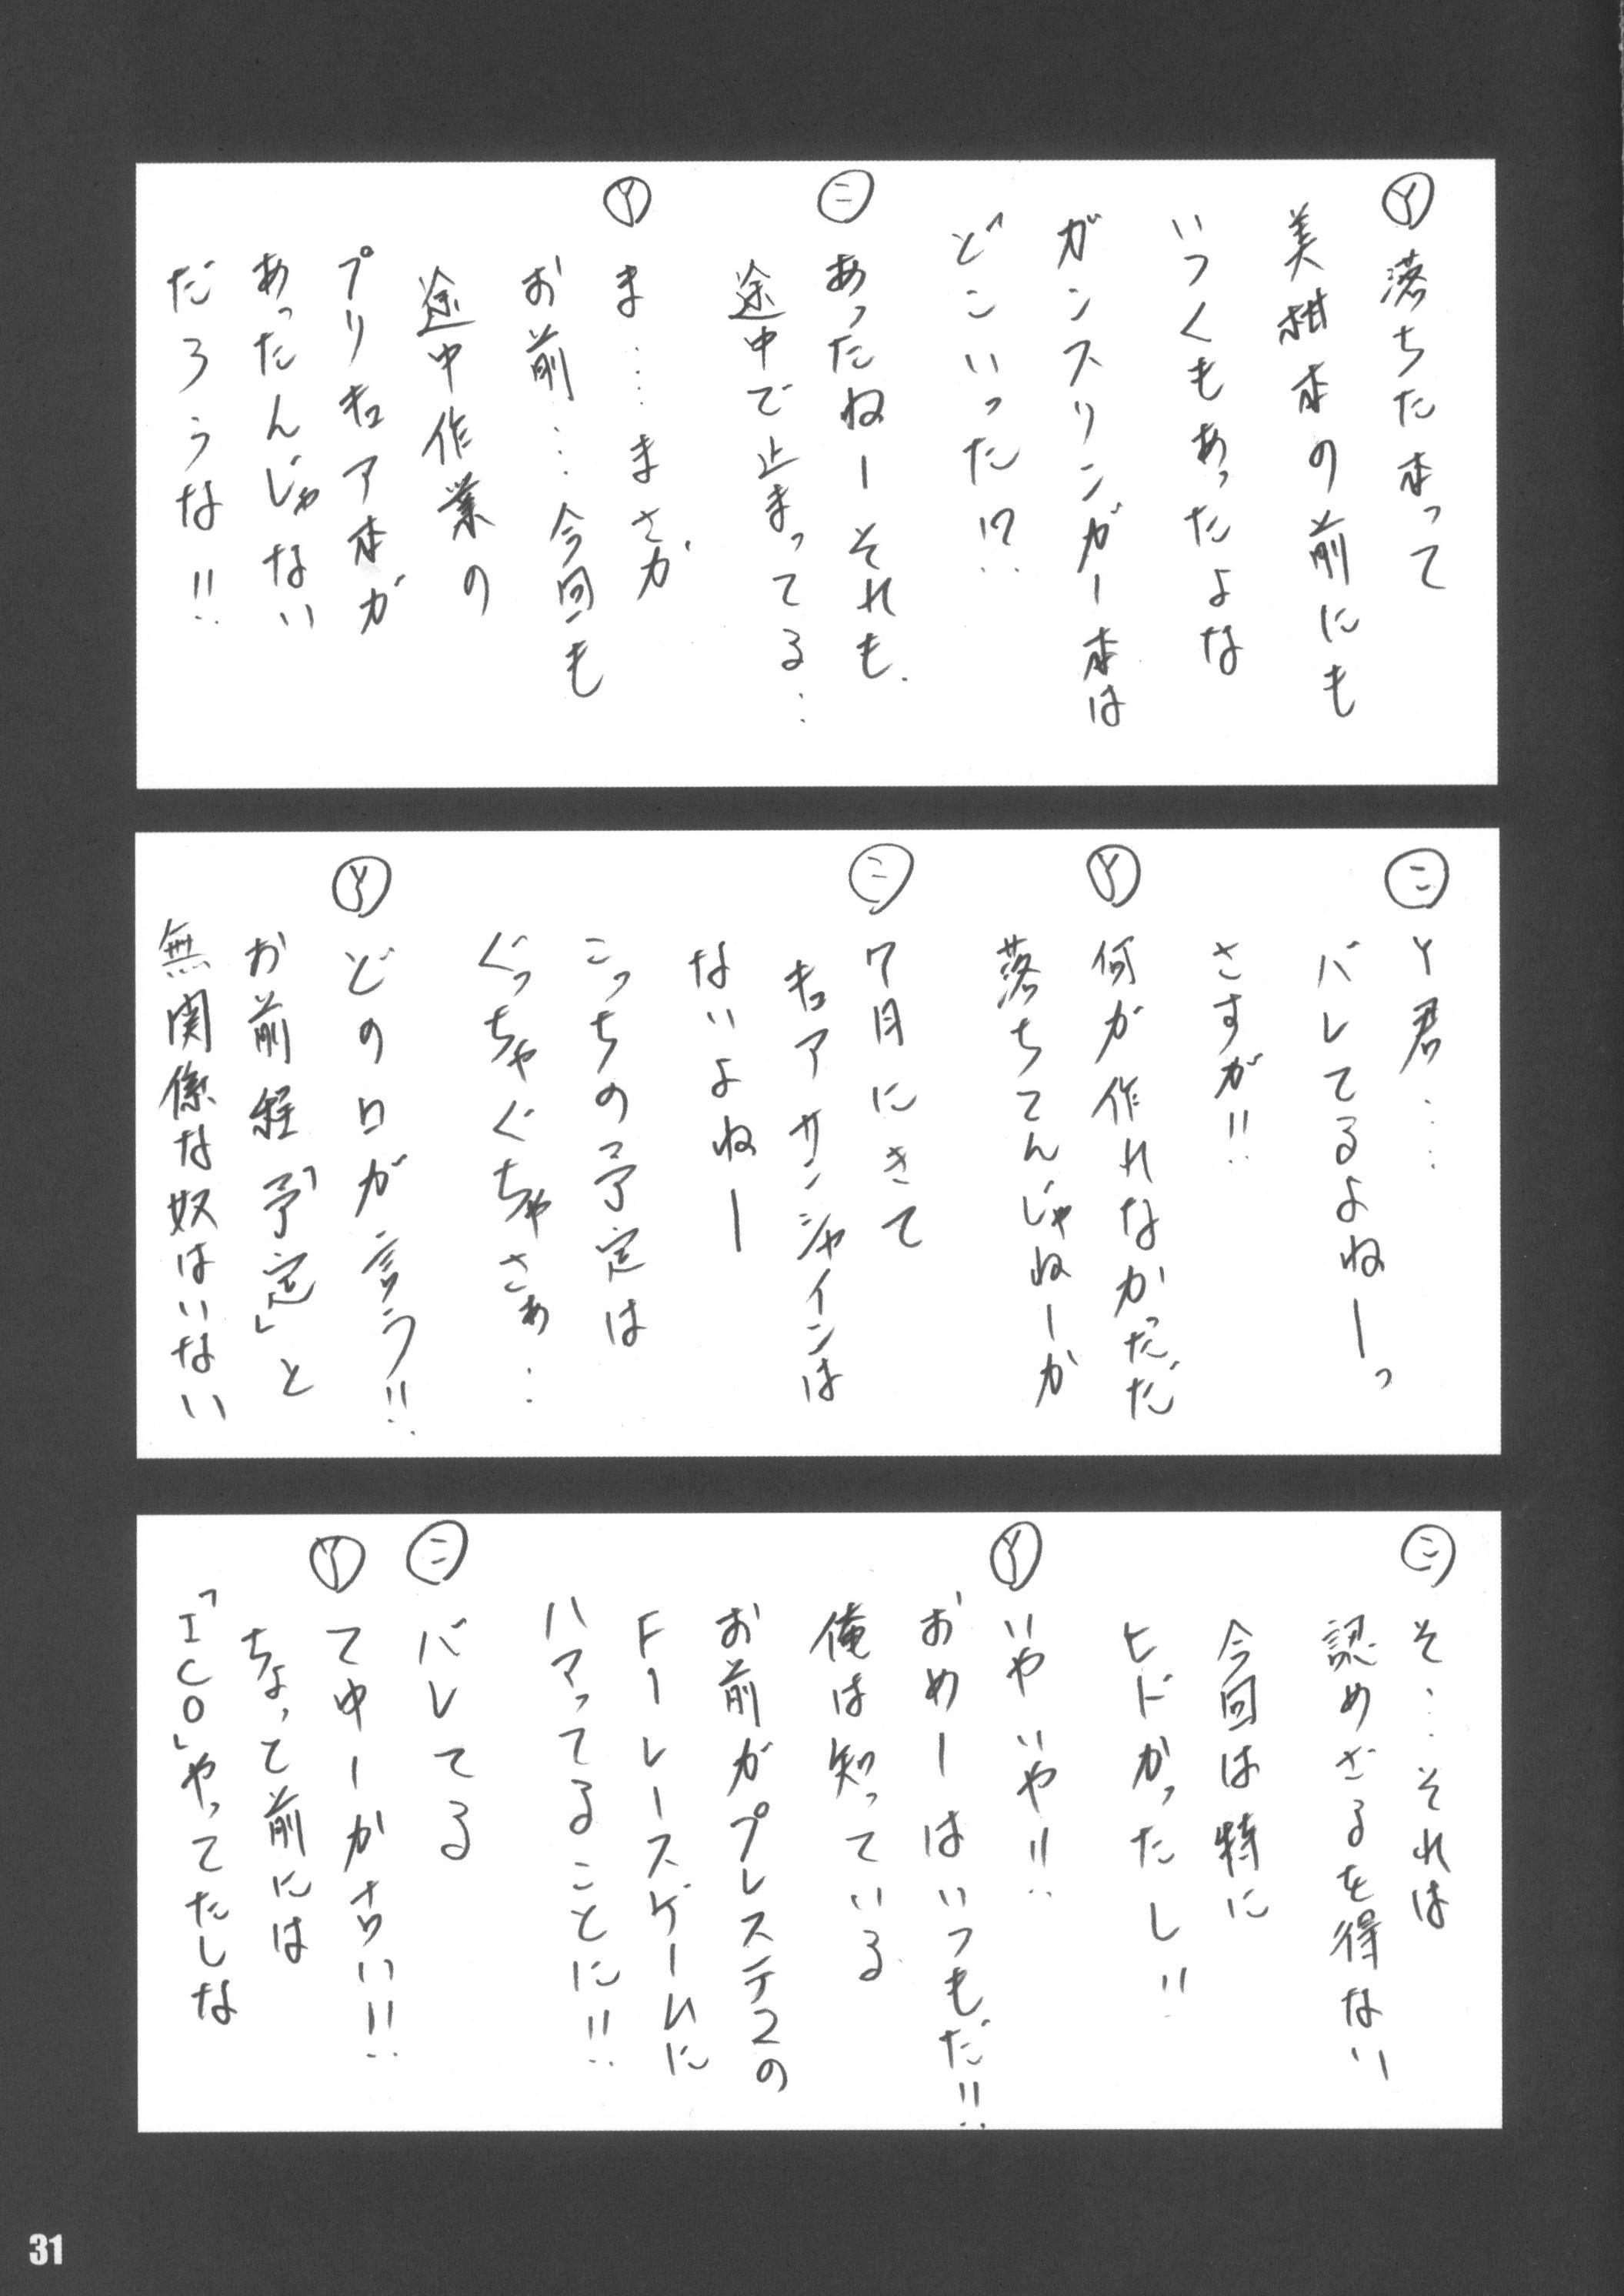 【エロ漫画】スクール水着の幼女と青姦アナルセックス☆ロリのケツ穴サイコー♫【無料 エロ同人誌】 (29)